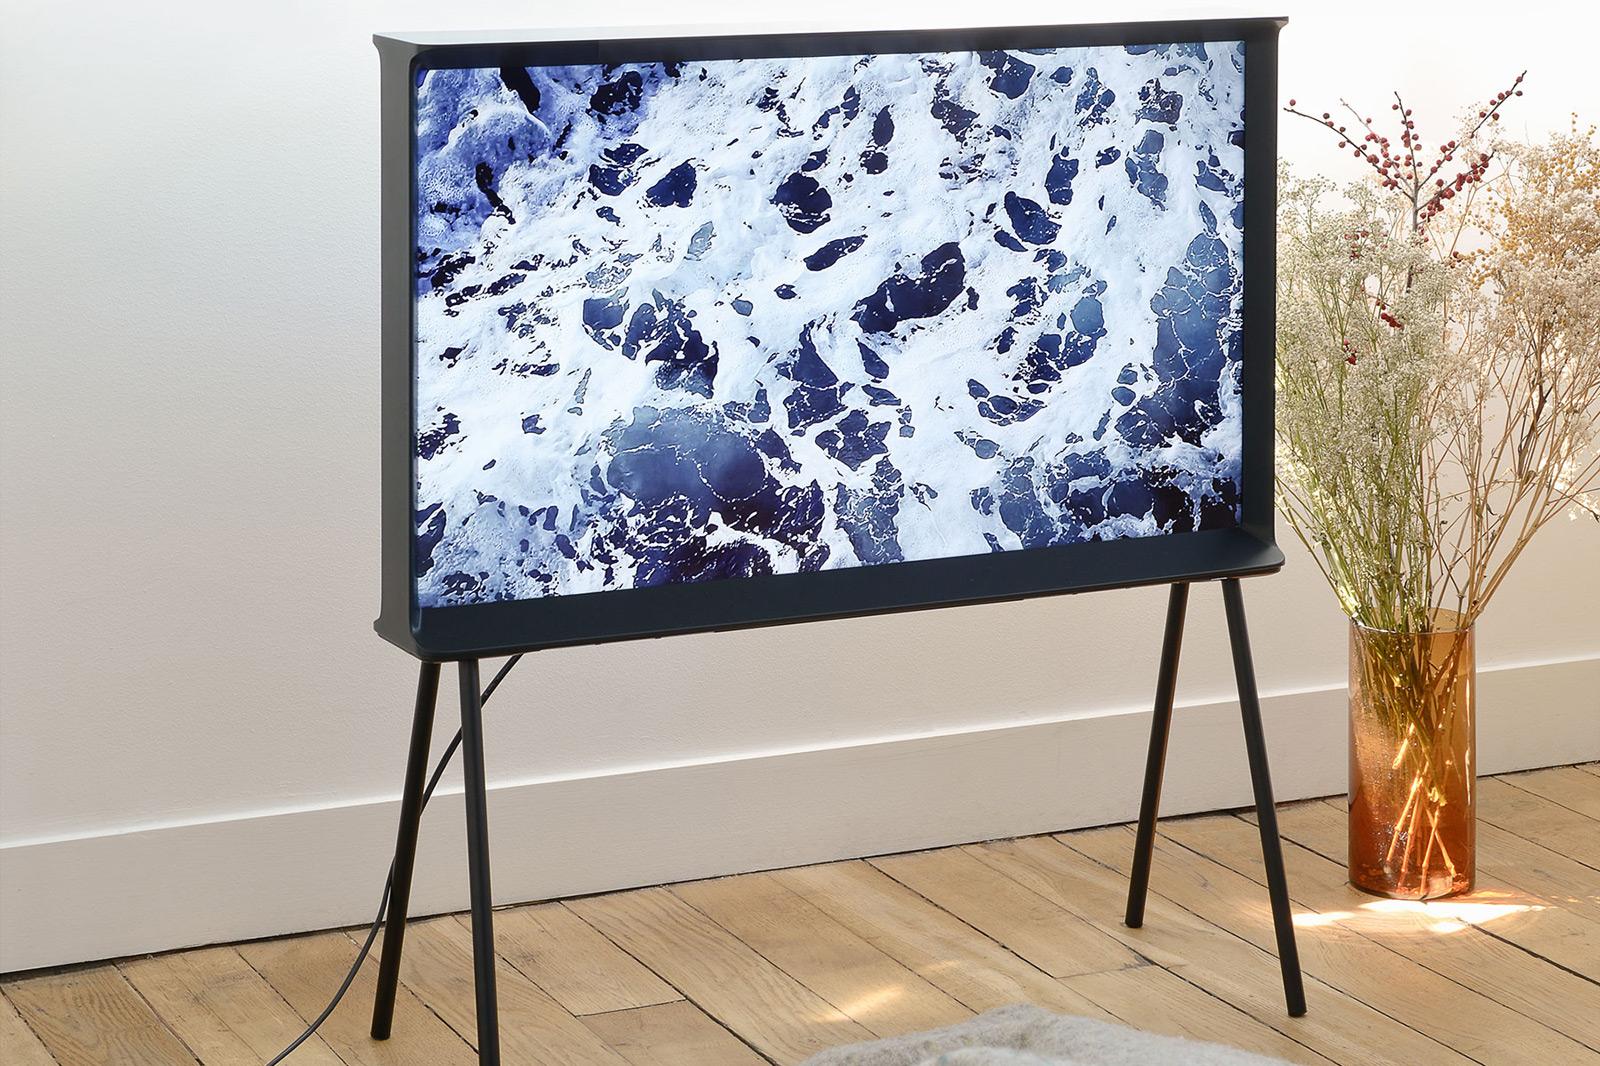 Samsung-Serif-TV-4.0_2.jpeg